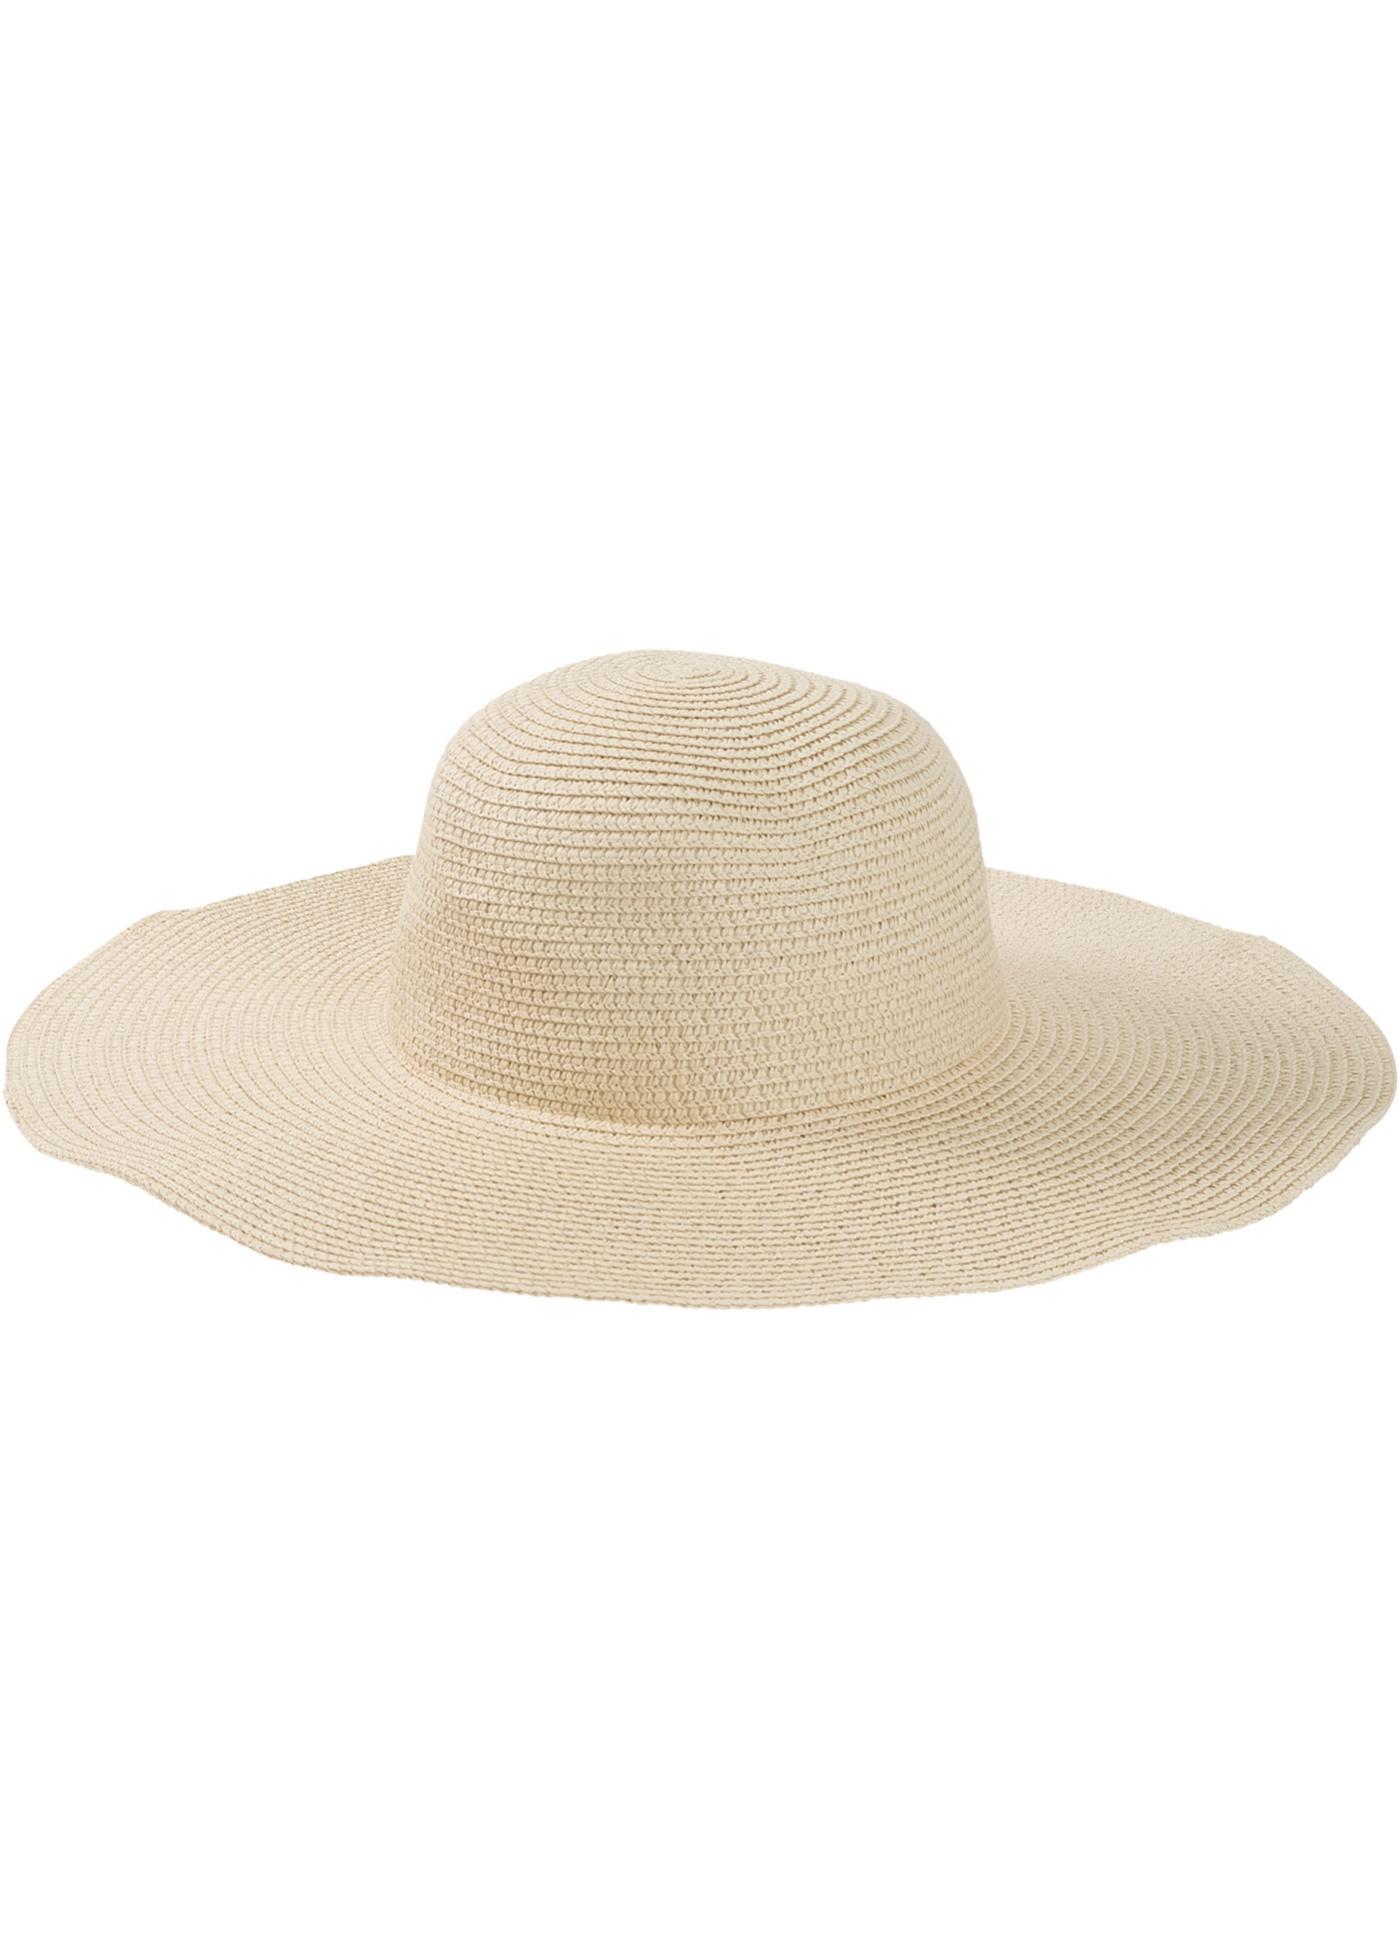 11fffff0ce8 Letní klobouk - Béžová